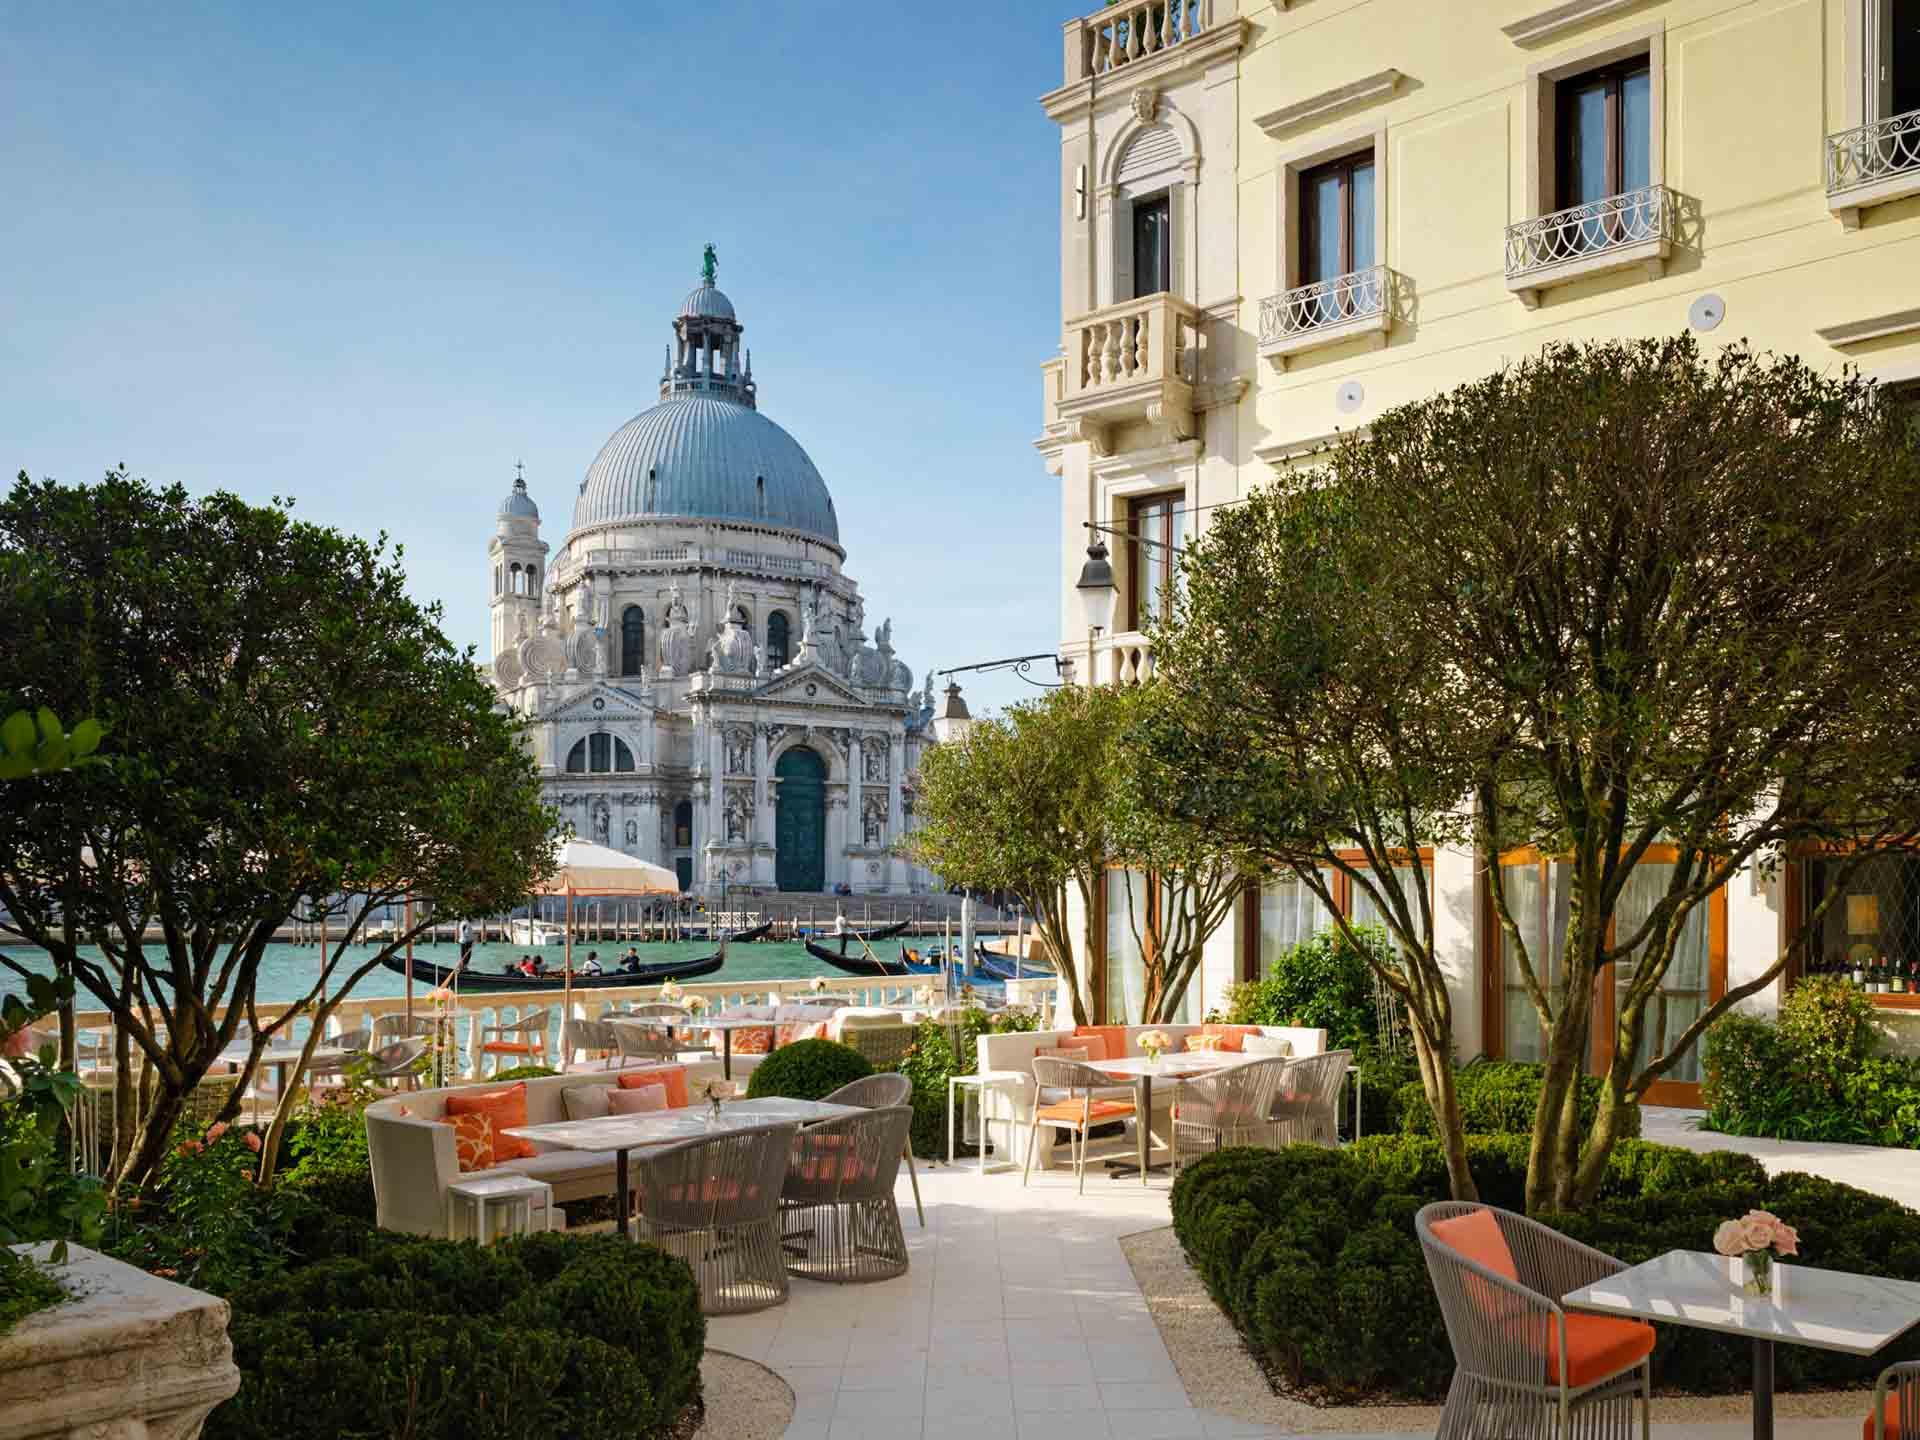 Avec des vues à couper le souffle sur Venise, des espaces à la fois luxueux et modernes et un jardin au bord du Grand Canal, The St. Regis Venice est l'hôtel exclusif où poser ses valises dans la Cité des Doges.